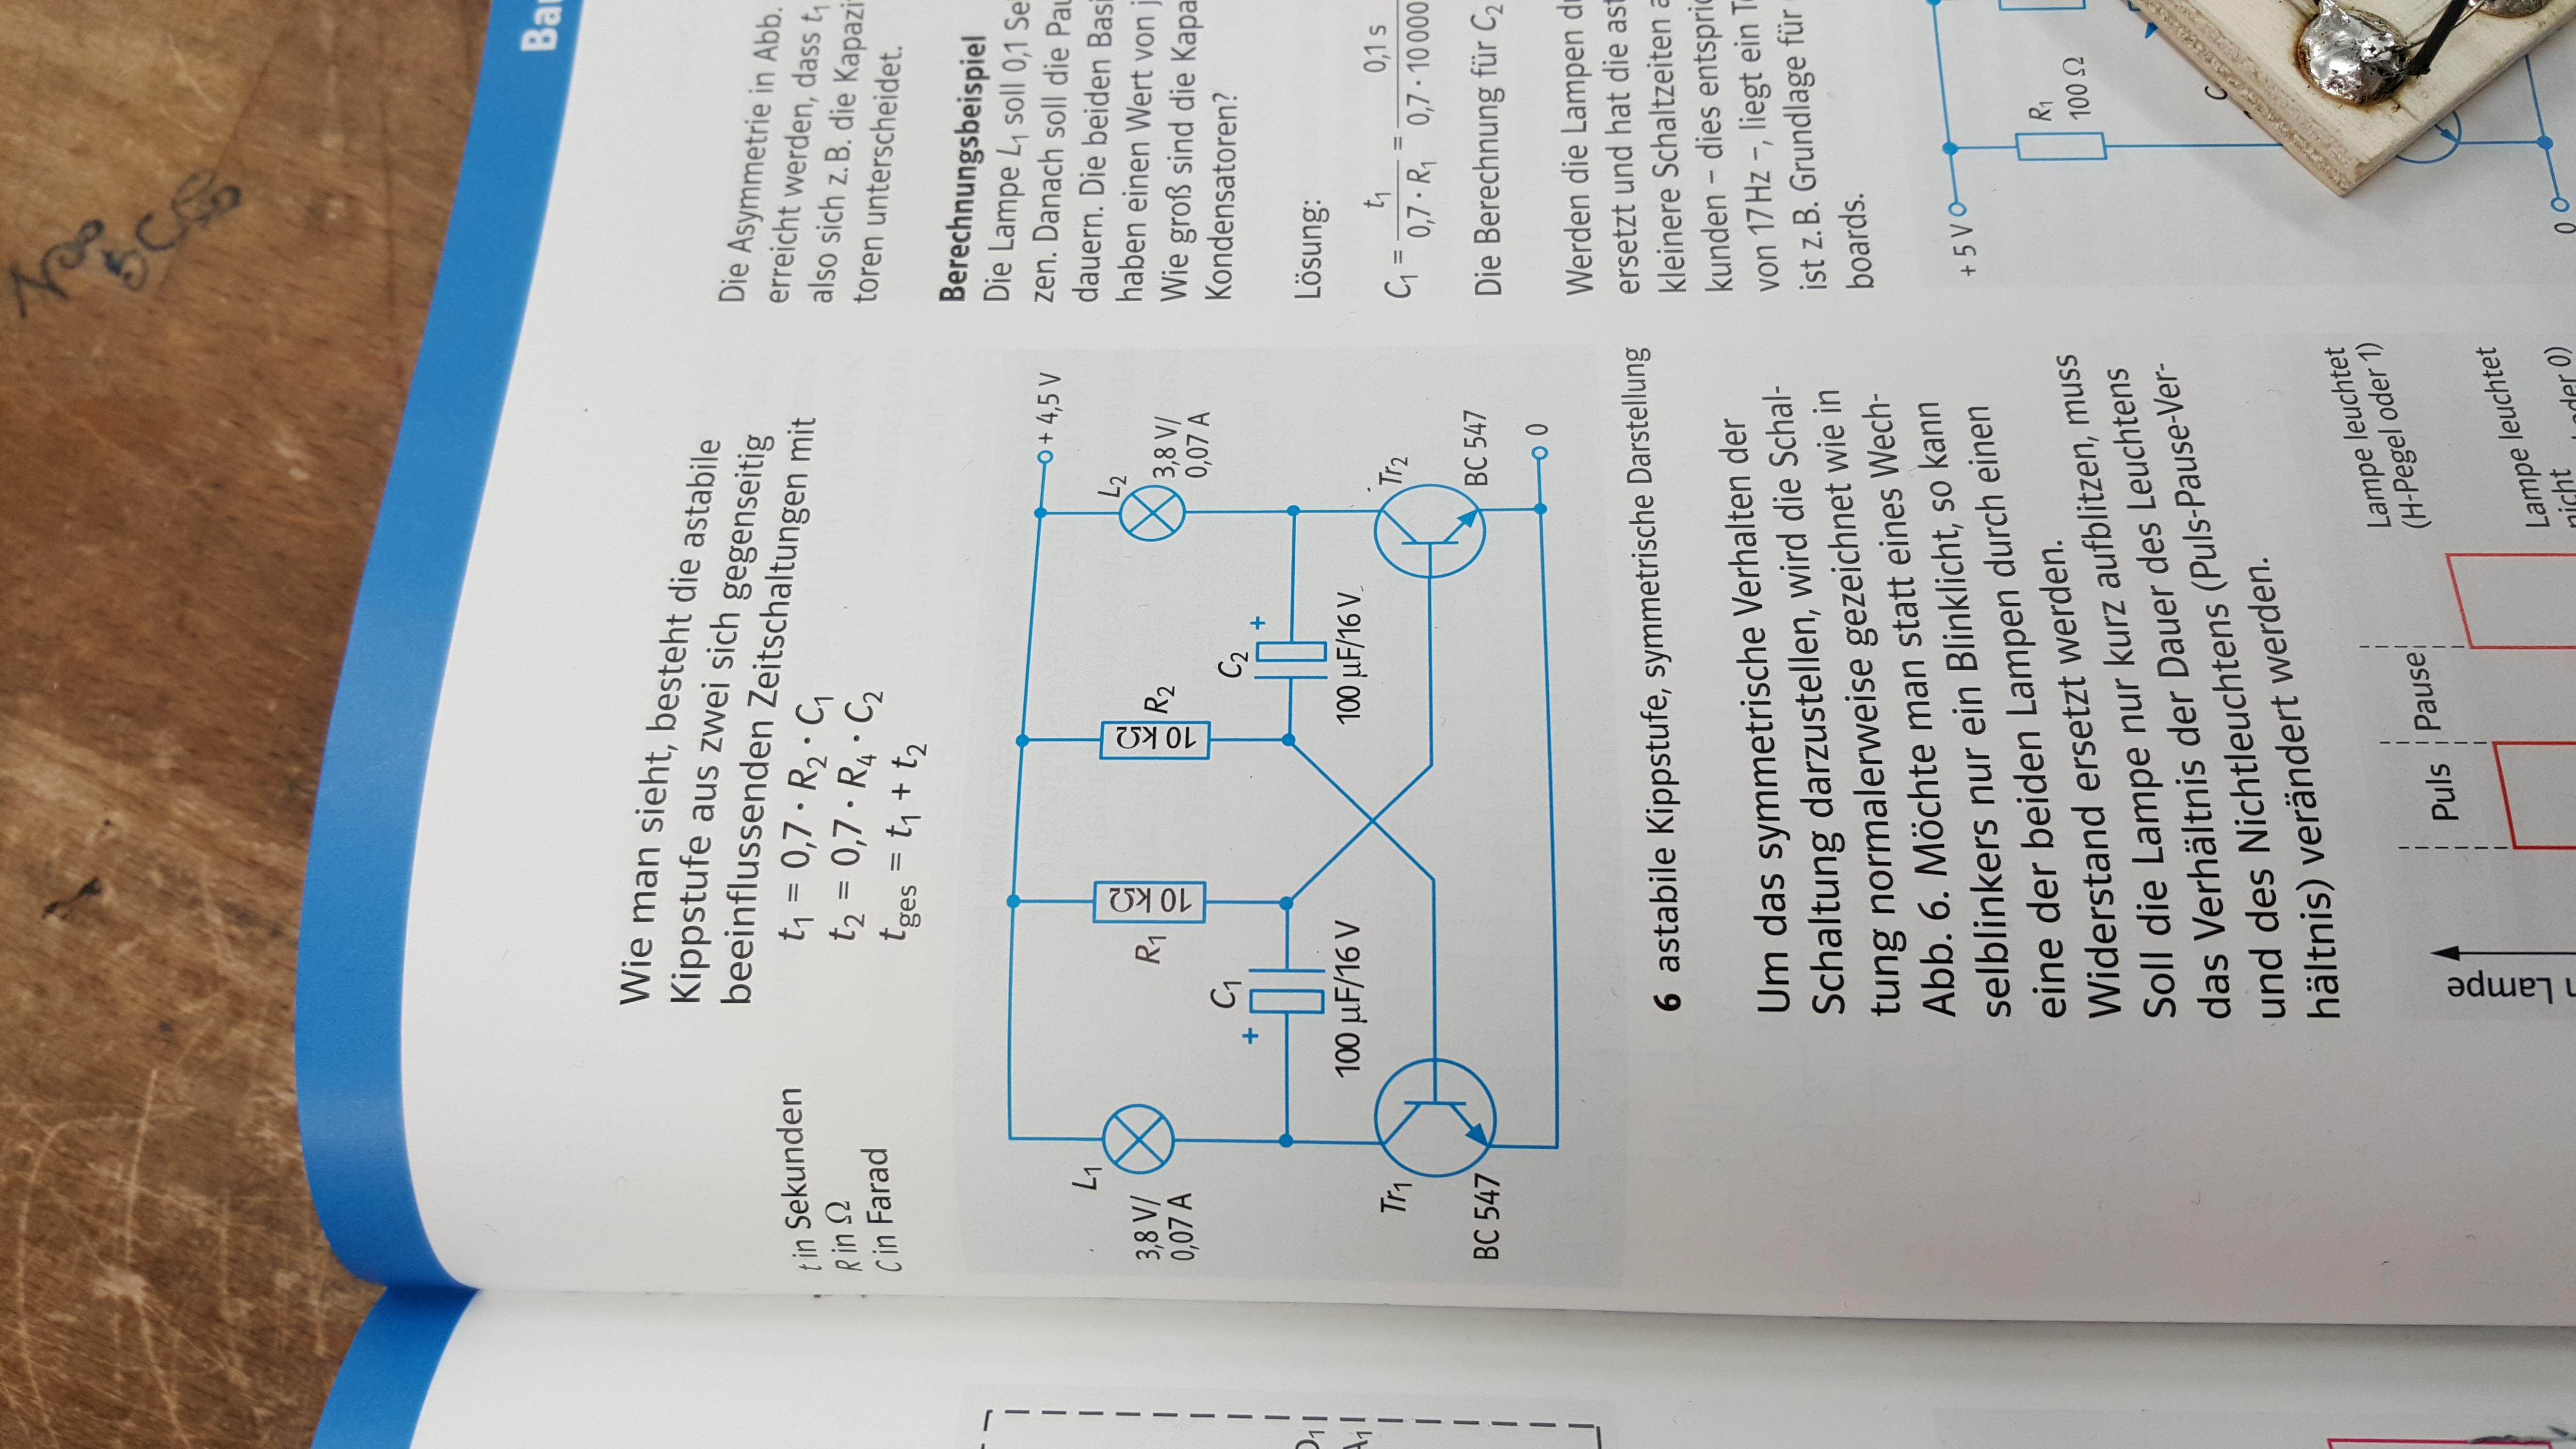 Groß Fotosensor Schaltung Bilder - Die Besten Elektrischen ...